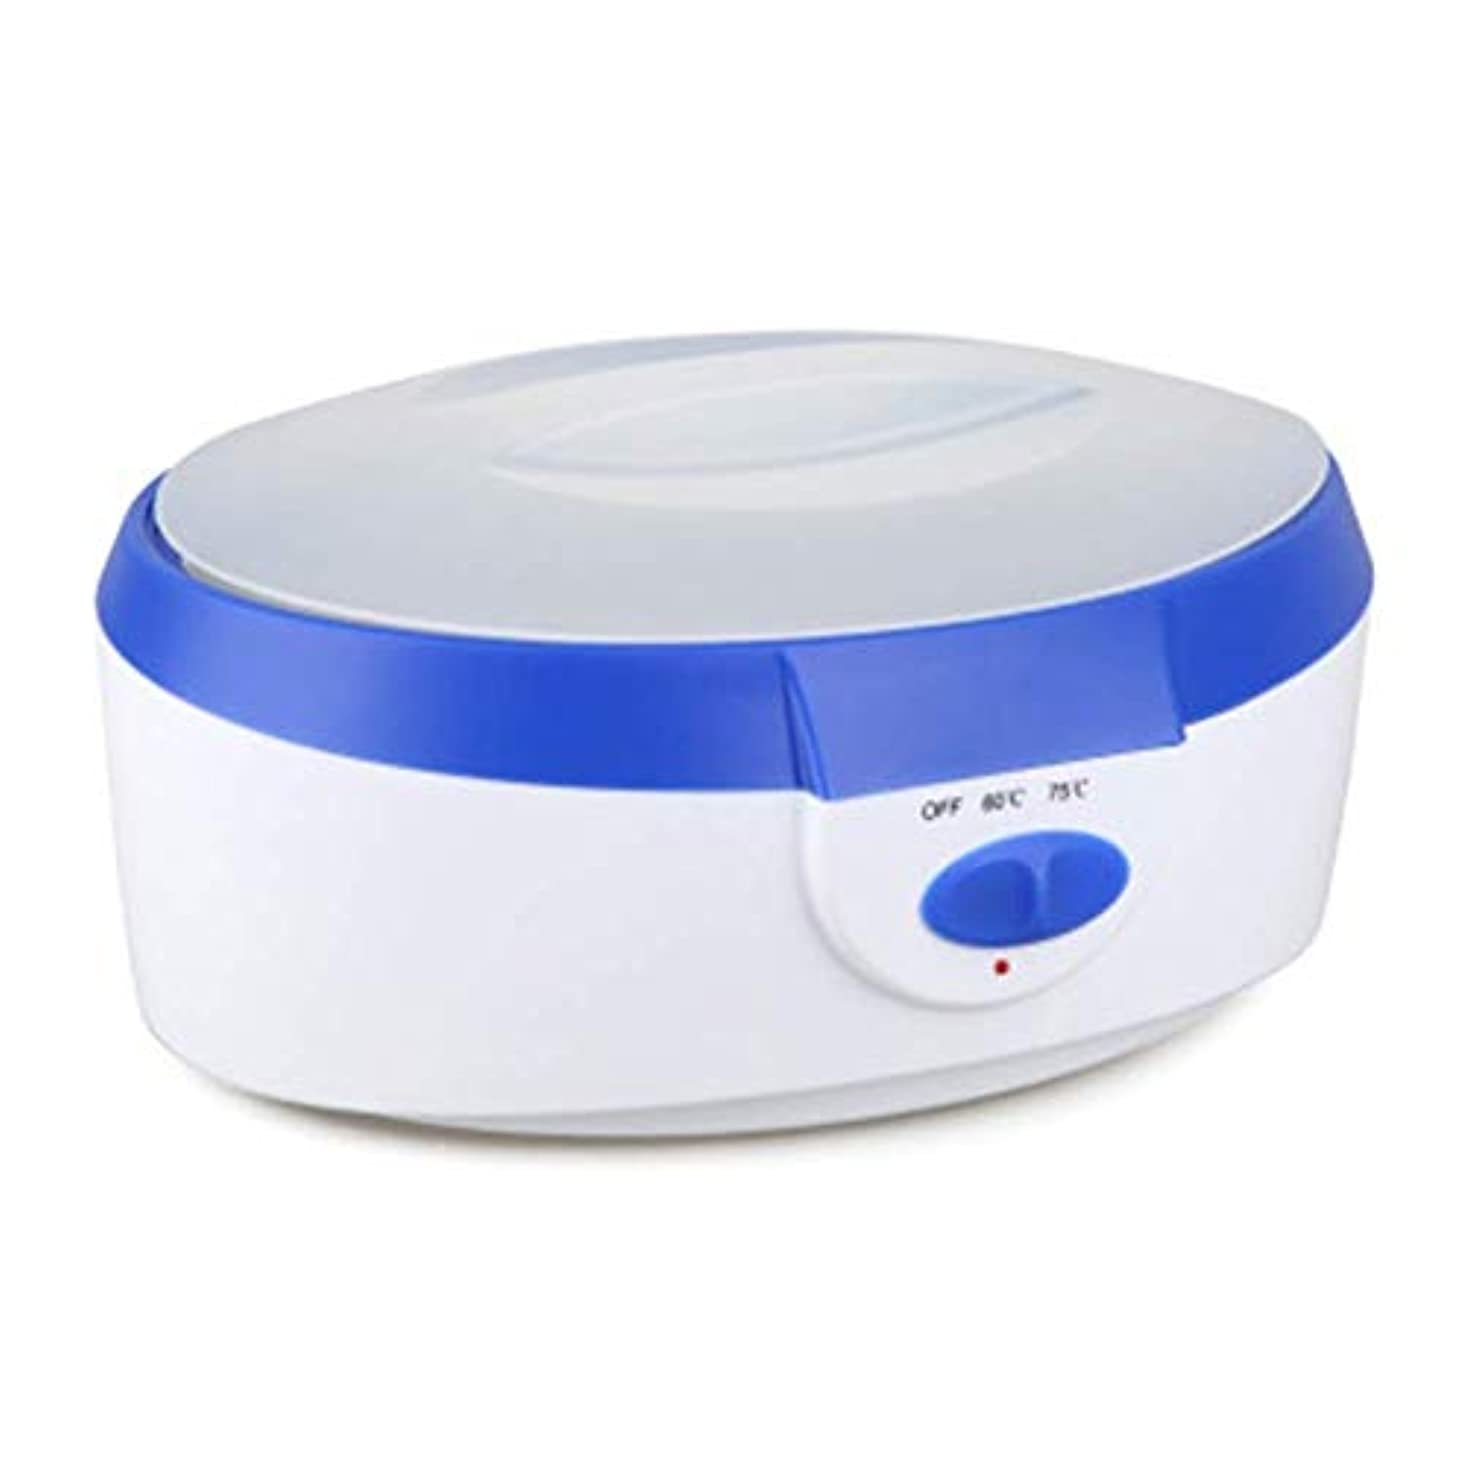 マウスピース突撃プロトタイプ可変温度とウォーマーと内蔵サーモ安全制御脱毛脱毛のためのすべてのワックスタイプのコンテナのワックスウォーマー、プロフェッショナル電気ワックスヒーター (Color : Blue)